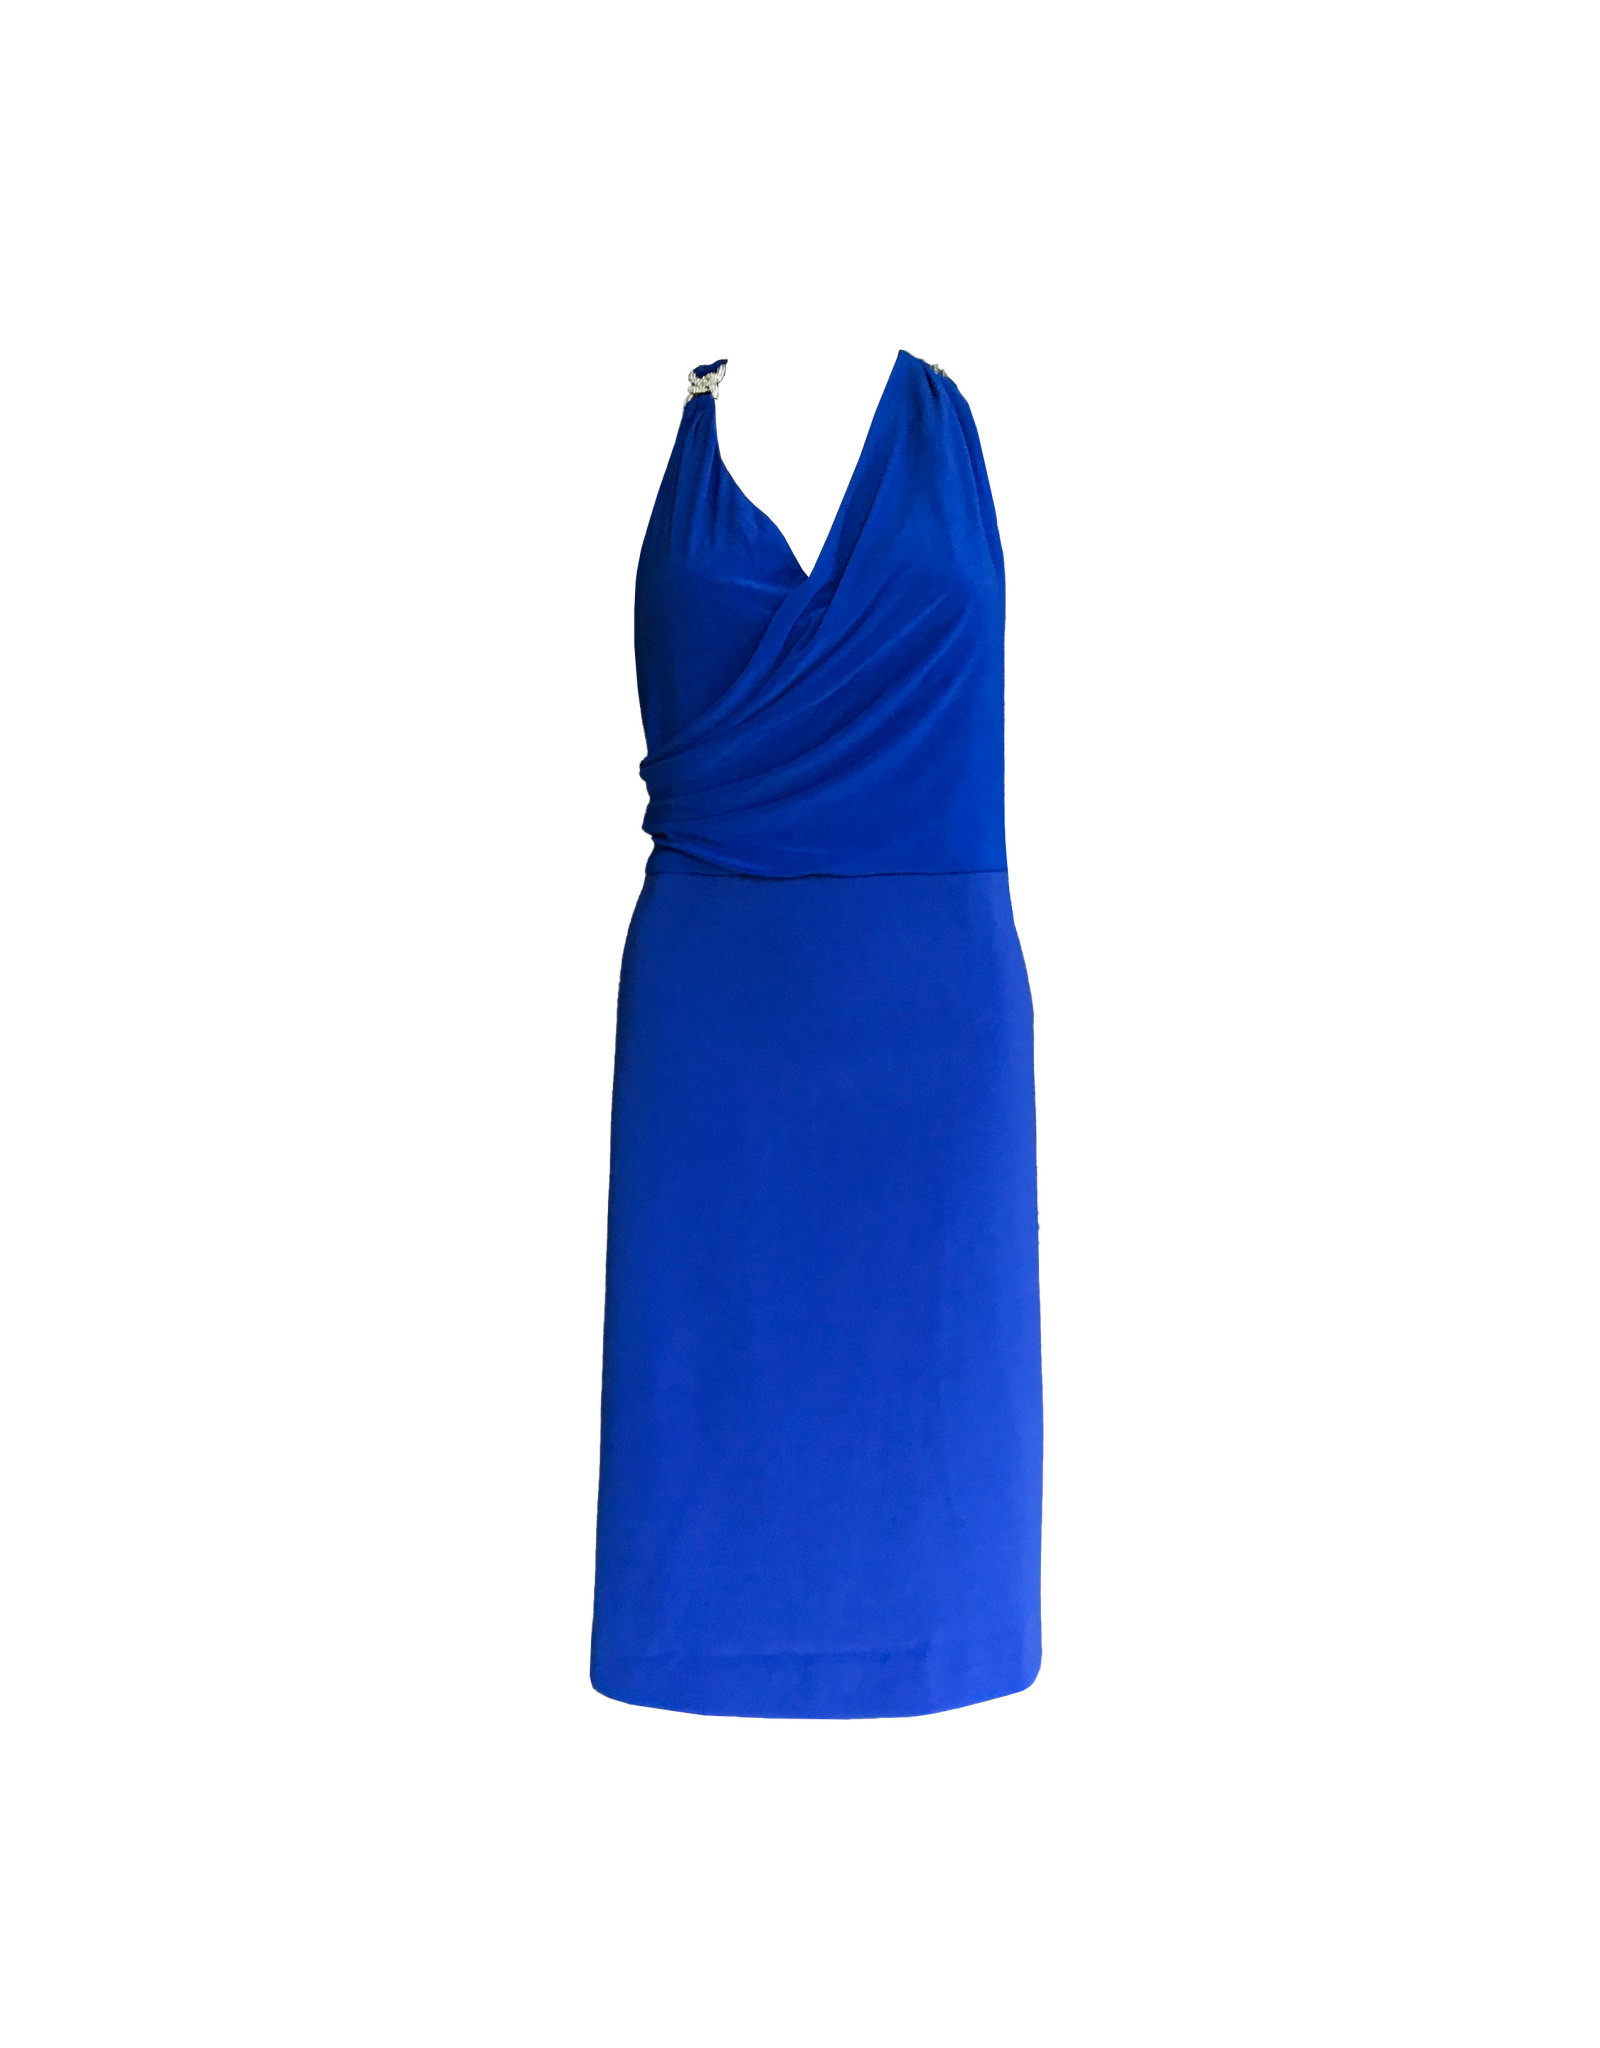 LAUREN RALPH LAUREN Lauren Ralph Lauren Sleeveless Dress